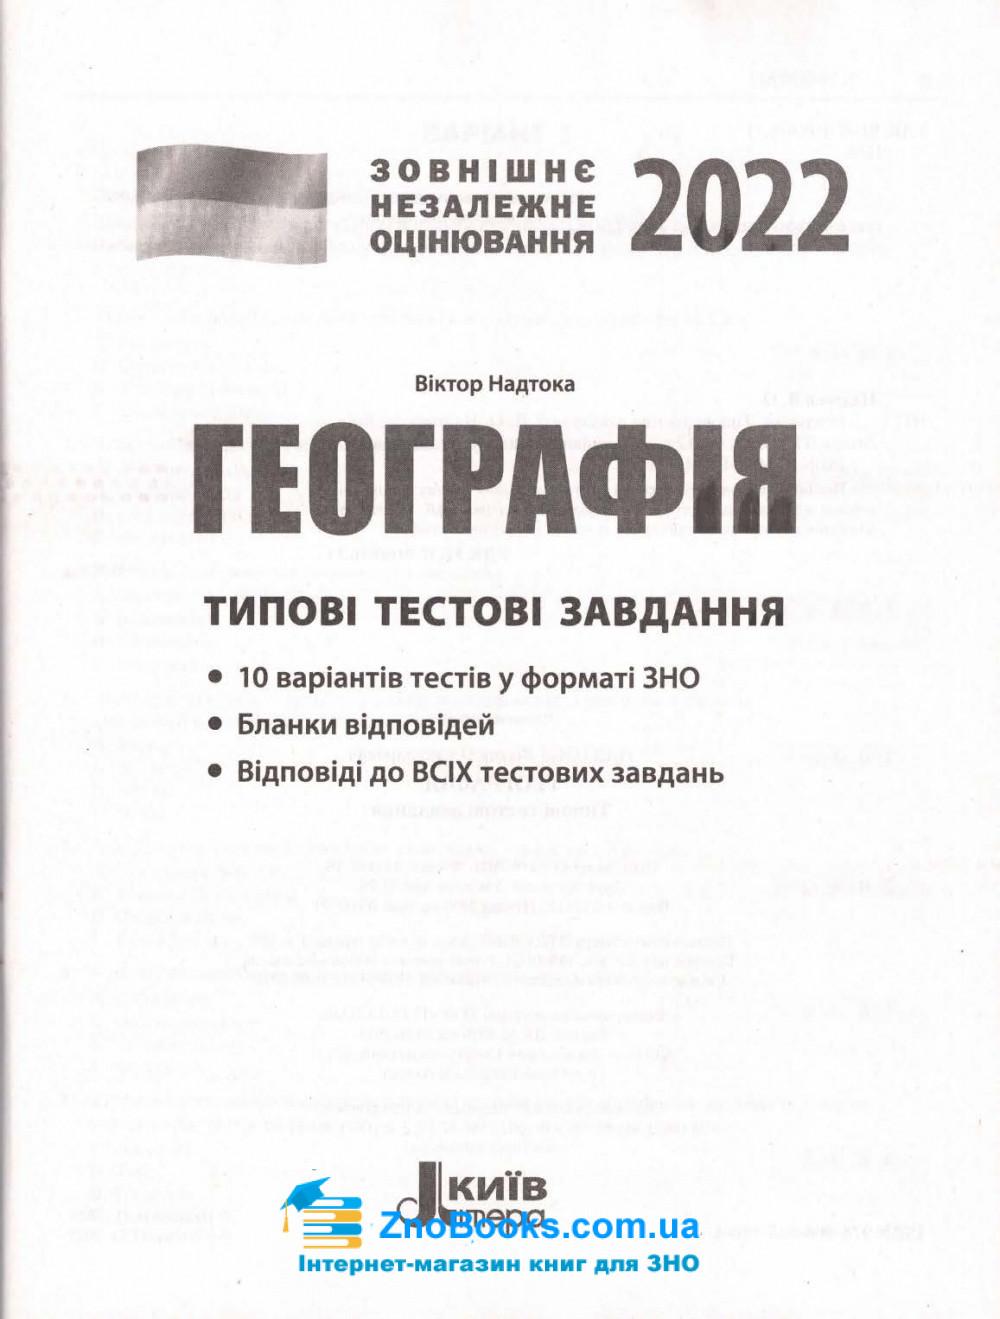 Географія ЗНО 2022. Типові тестові завдання : Надтока О. Літера. купити 1